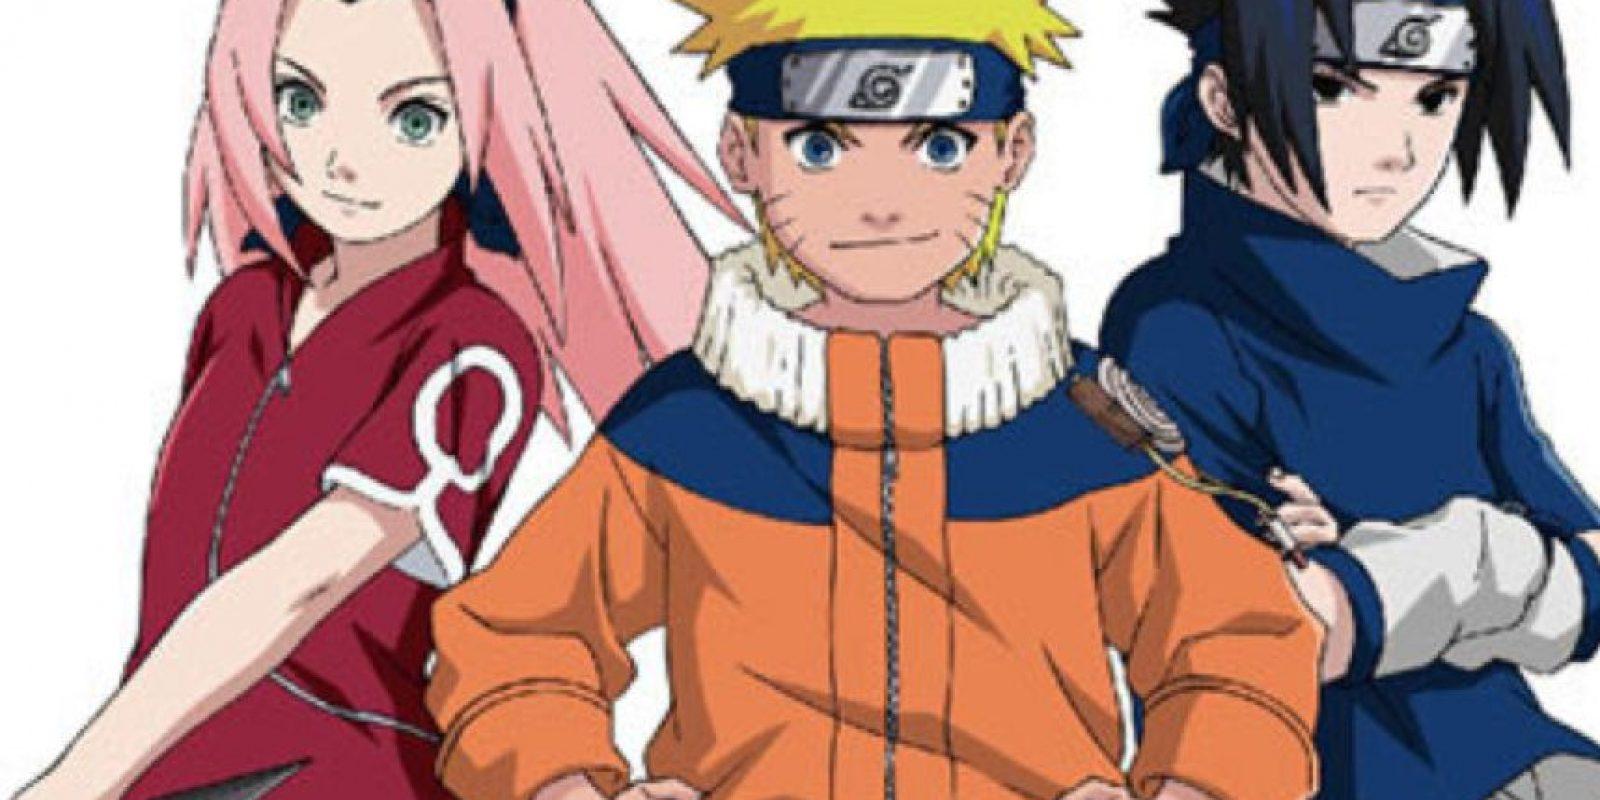 Naruto es la tercera serie de manga más vendida de la historia luego de One Piece y Dragon Ball. Si se cuenta hasta el número 70, Naruto ha vendido alrededor de 200 millones de copias impresas en todo el mundo, con más de 130 millones de copias en Japón y 75 millones en otros 35 países. Foto:Tv Tokyo